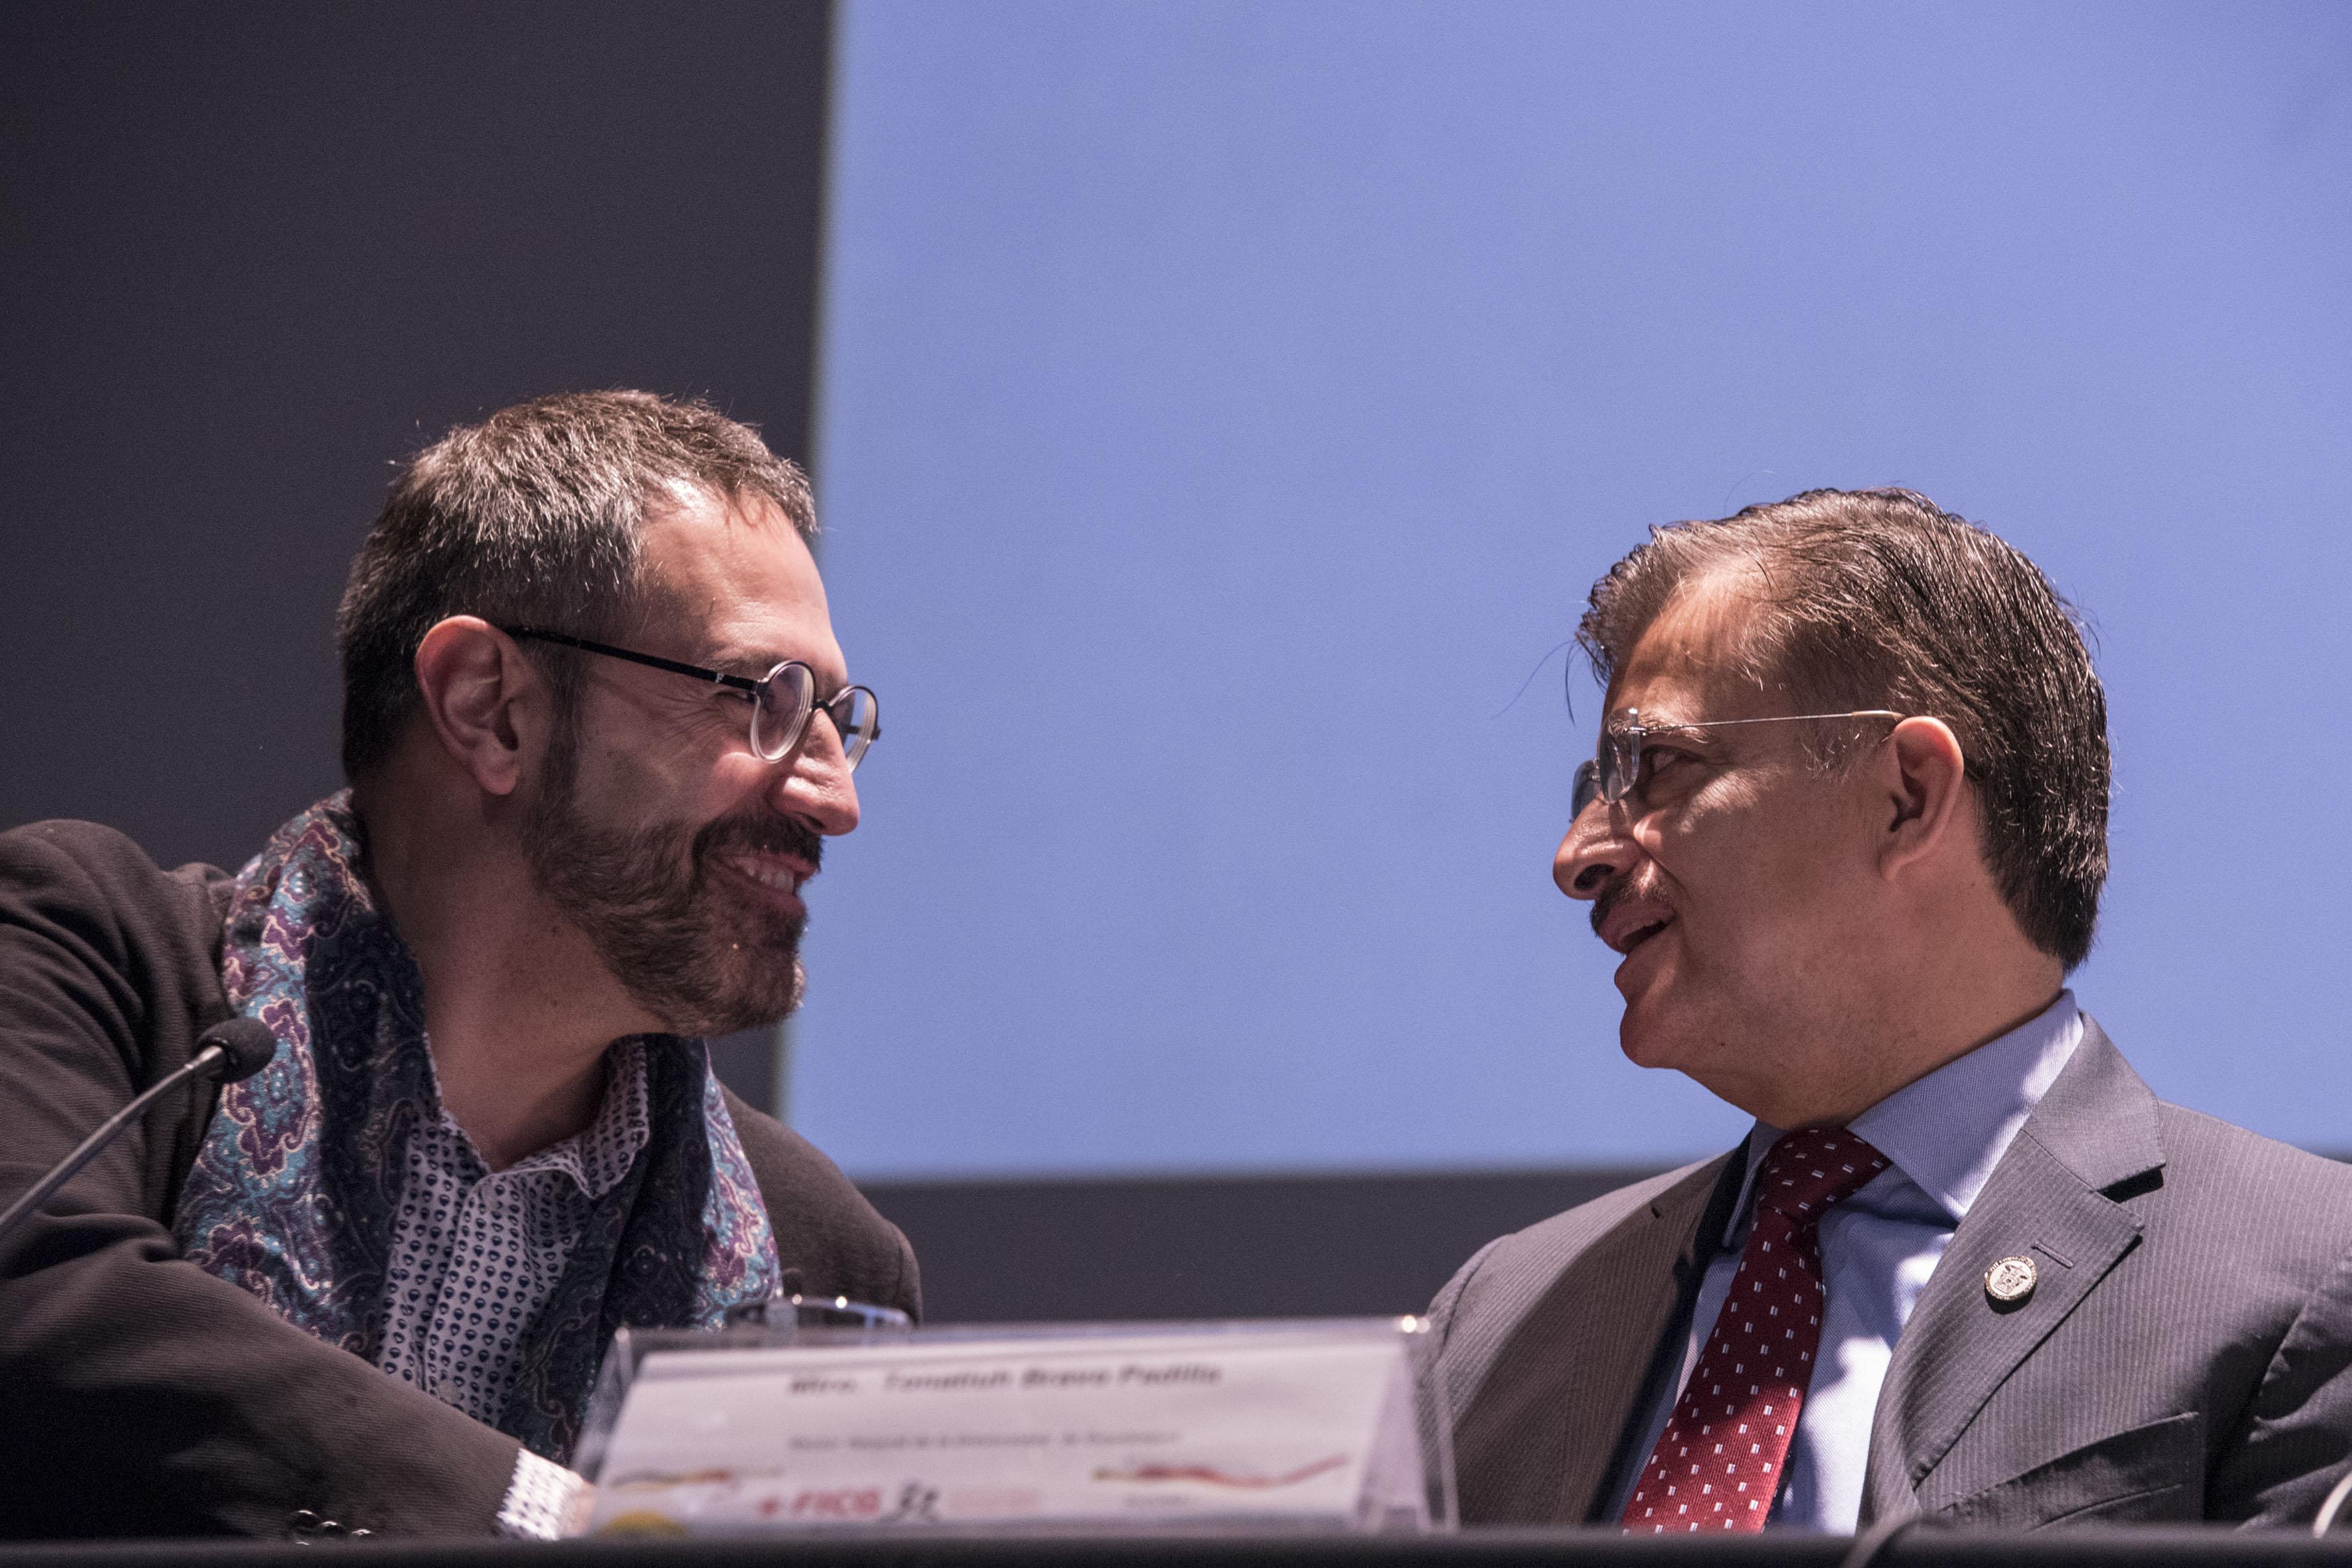 El director del Instituto Ramón Llull de Cataluña, Manuel Forcano; agradeciendo con un apretón de manos al Rector General de la Universidad de Guadalajara, maestro Itzcóatl Tonatiuh Bravo Padilla.